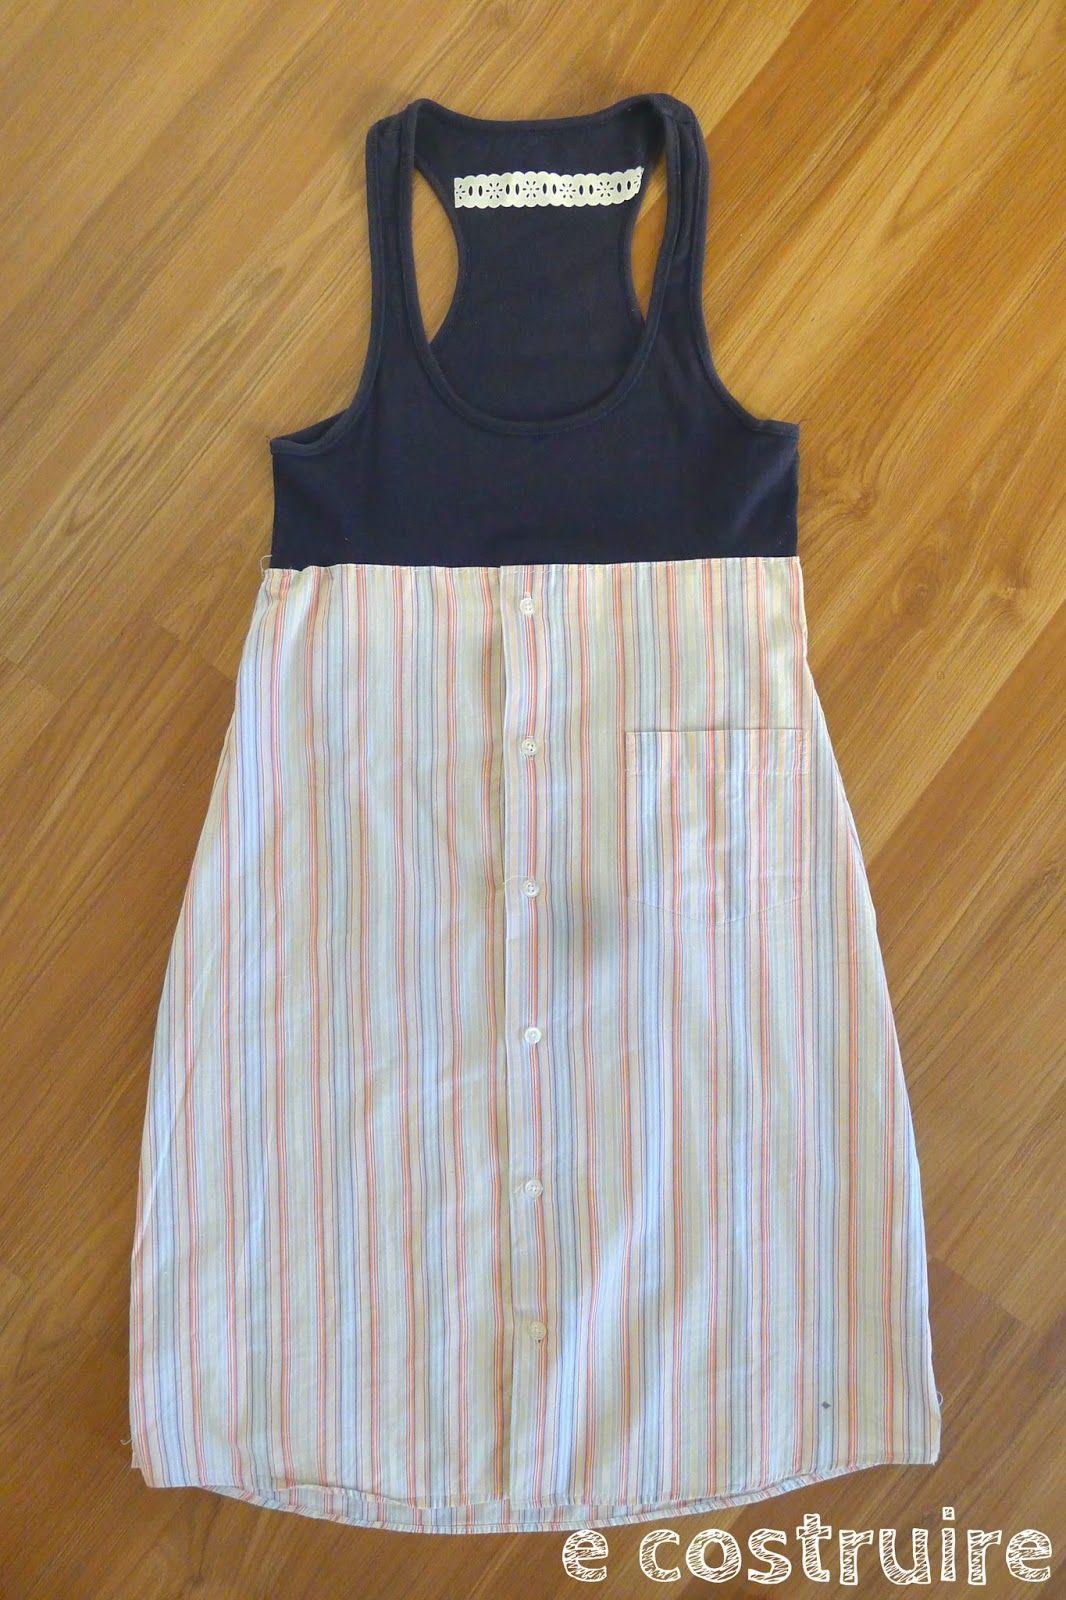 E COSTRUIRE: Come trasformare una camicia da uomo in un vestito